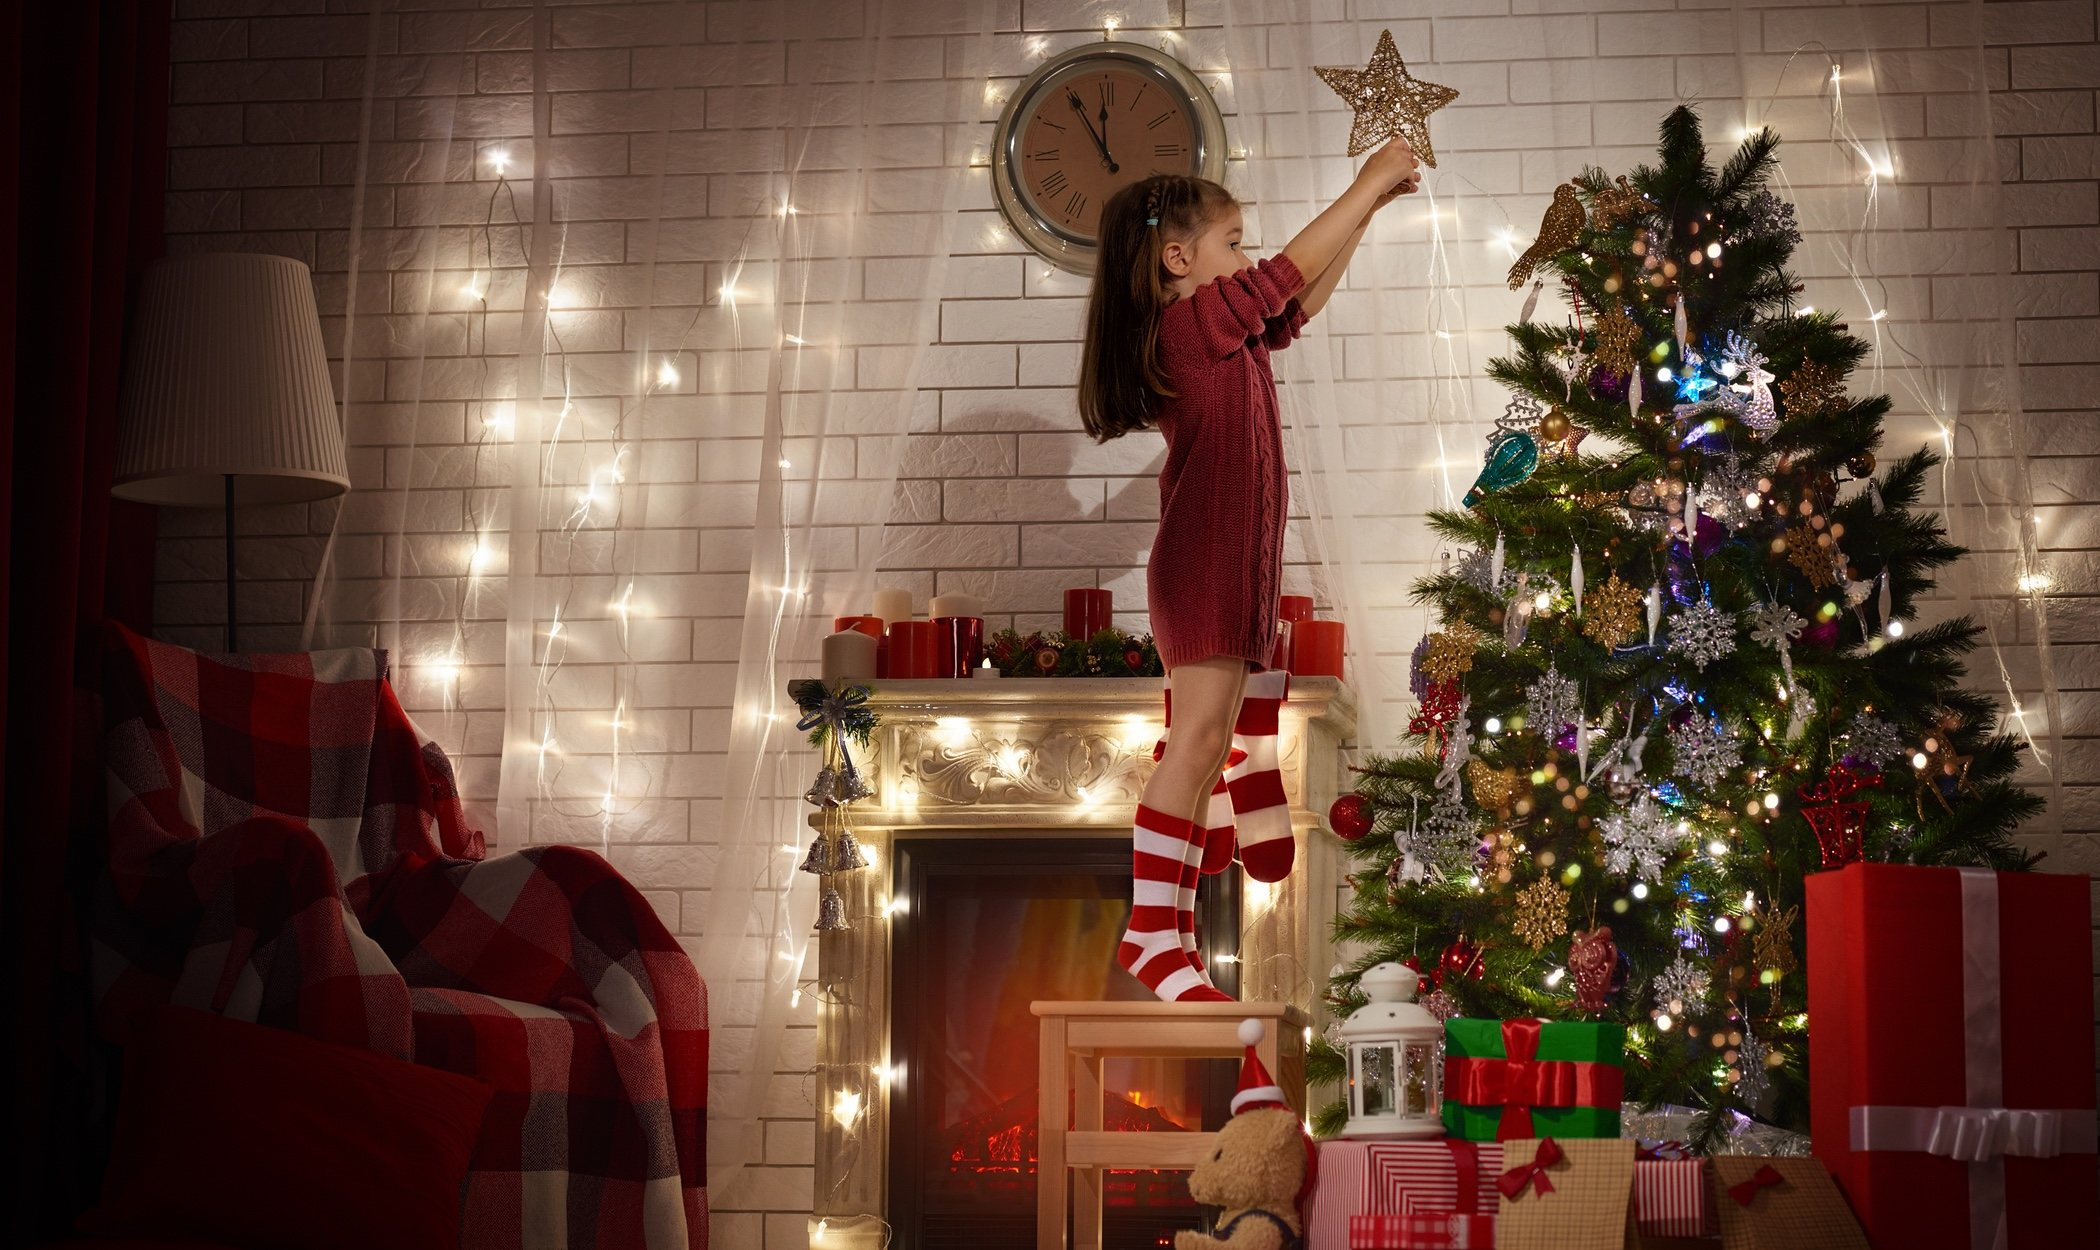 Tendencias para decorar el árbol de Navidad 2018